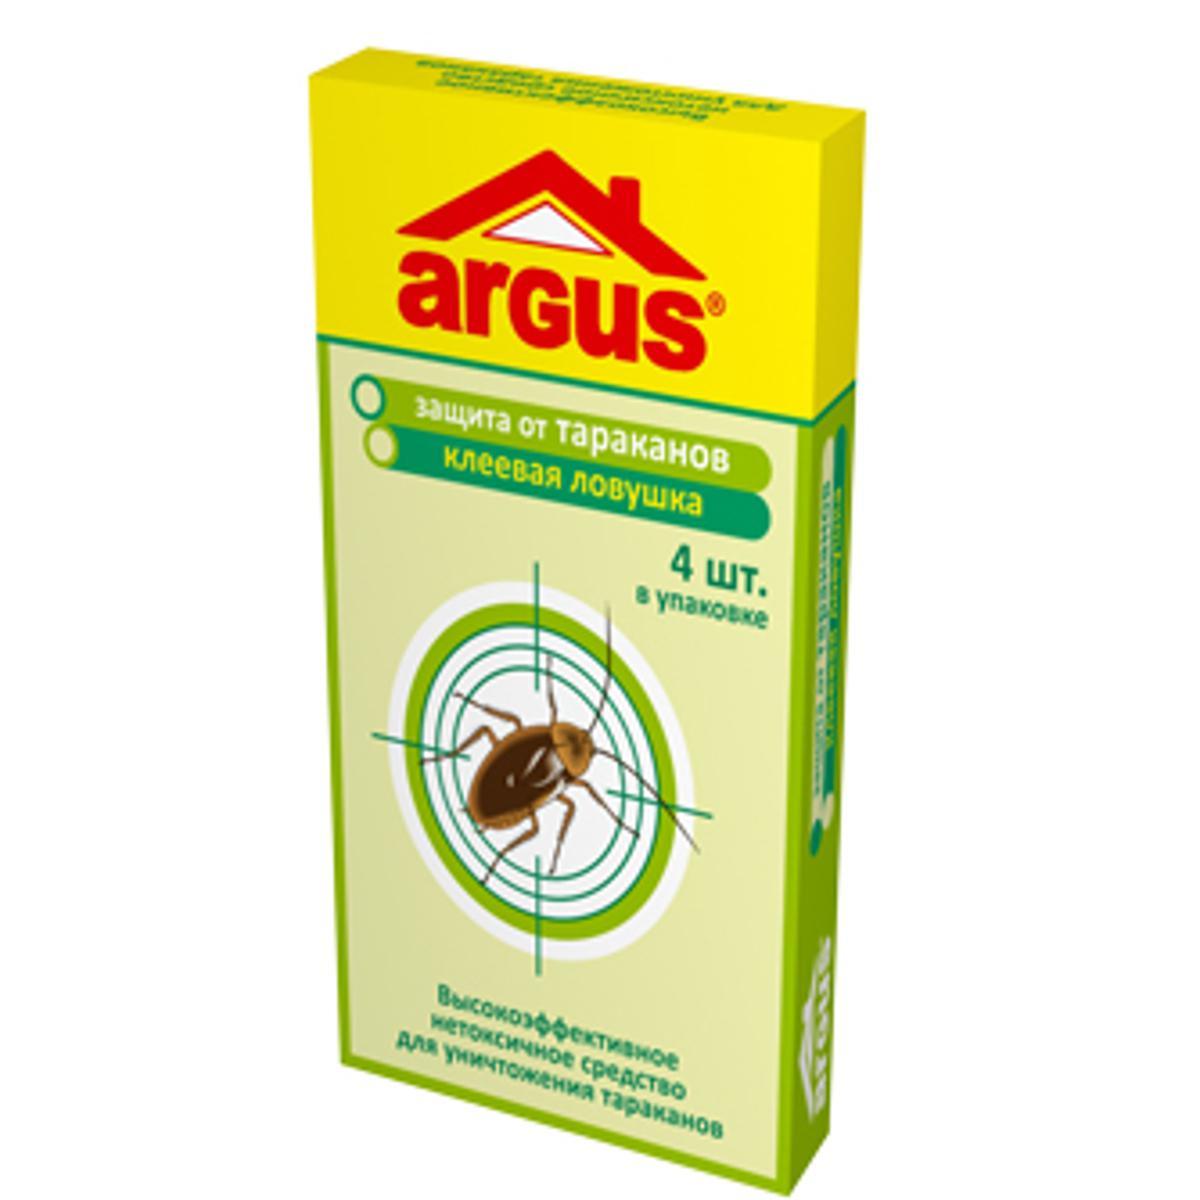 Ловушка для насекомых Argus СЗ.020017 елена красносельская ловушка для мэри